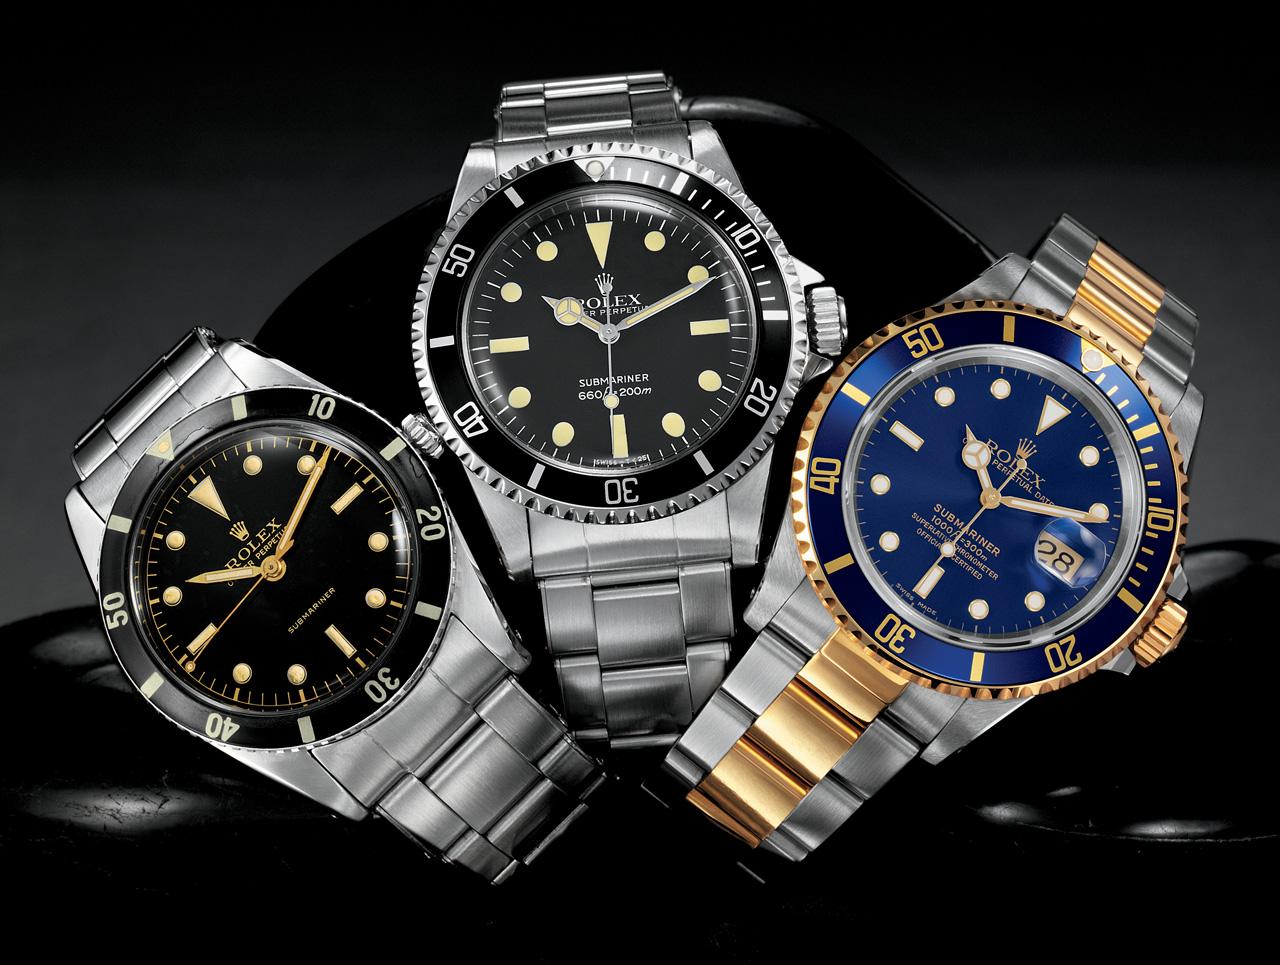 Las Ediciones Limitadas - Rolex Submariner